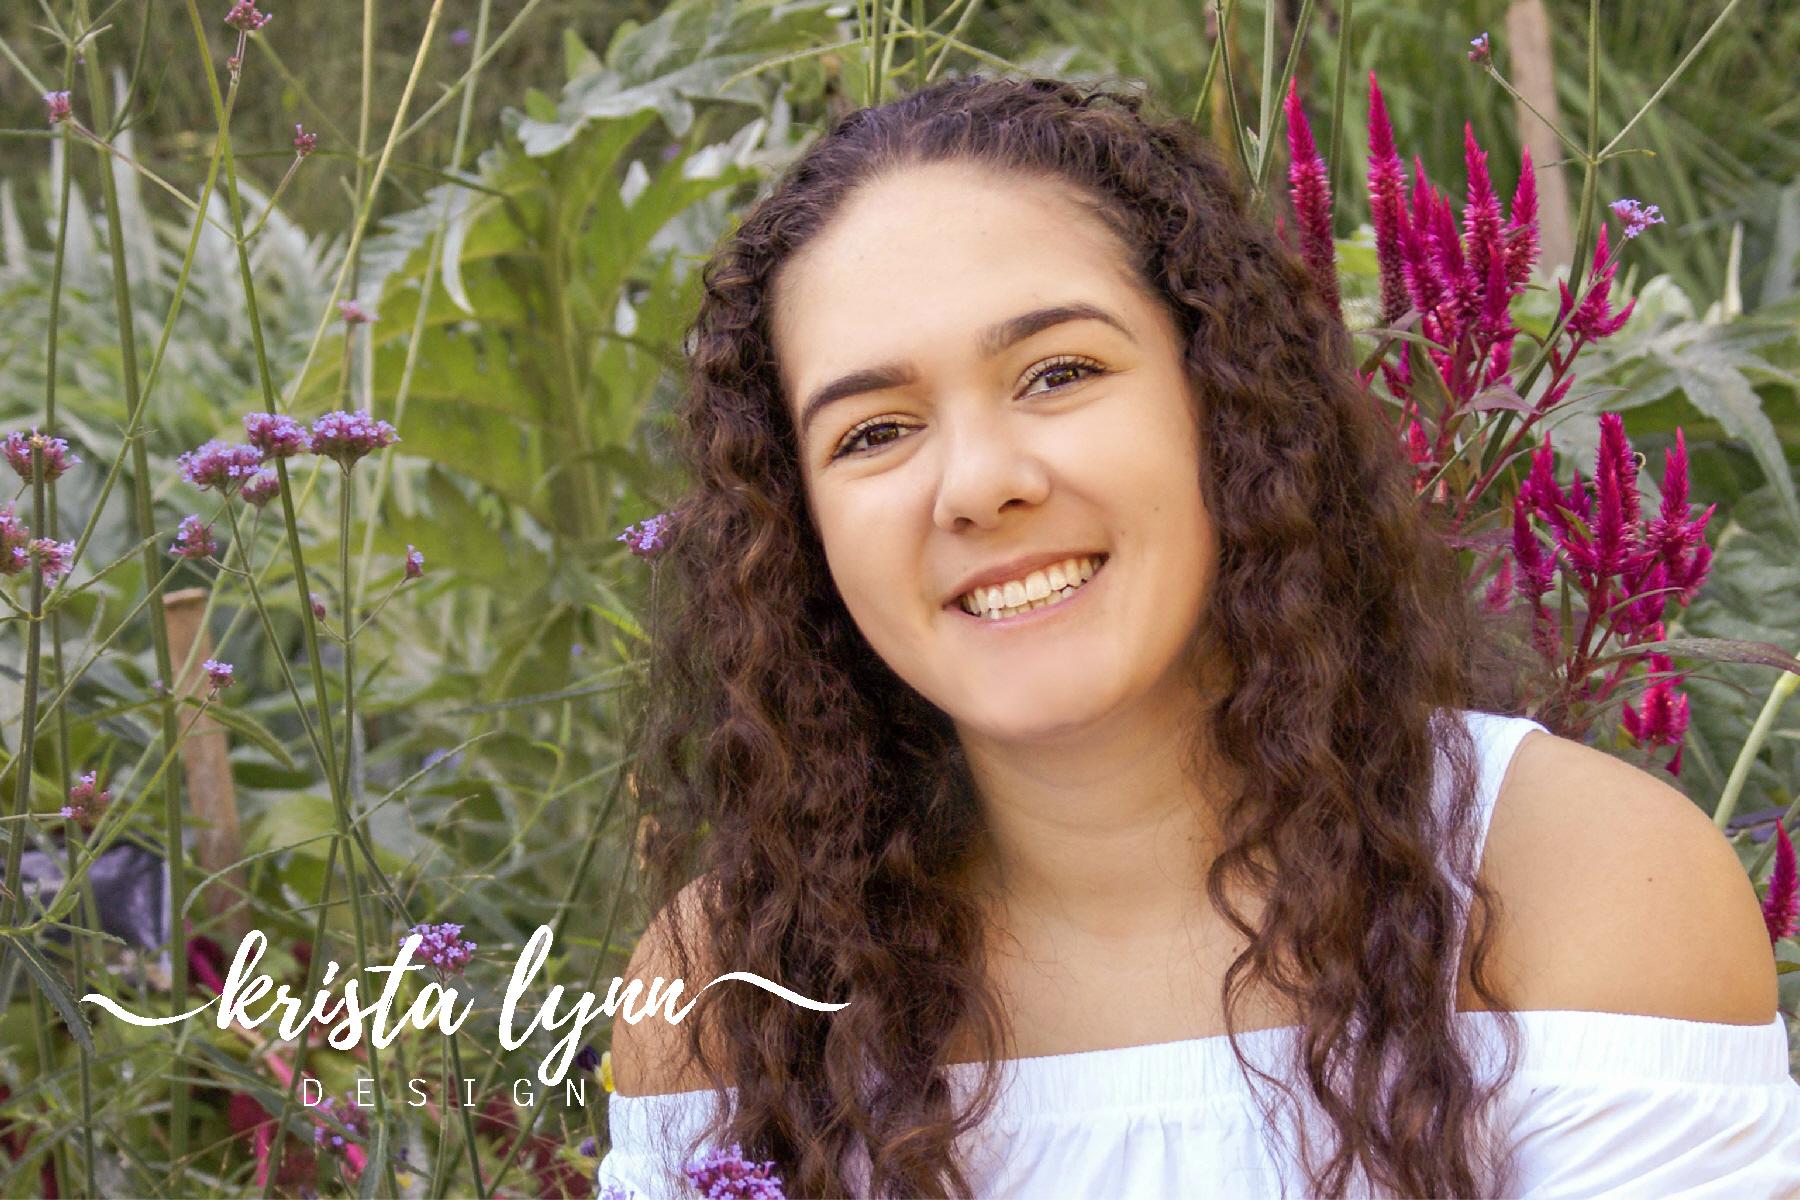 KristaLynnDesign Senior